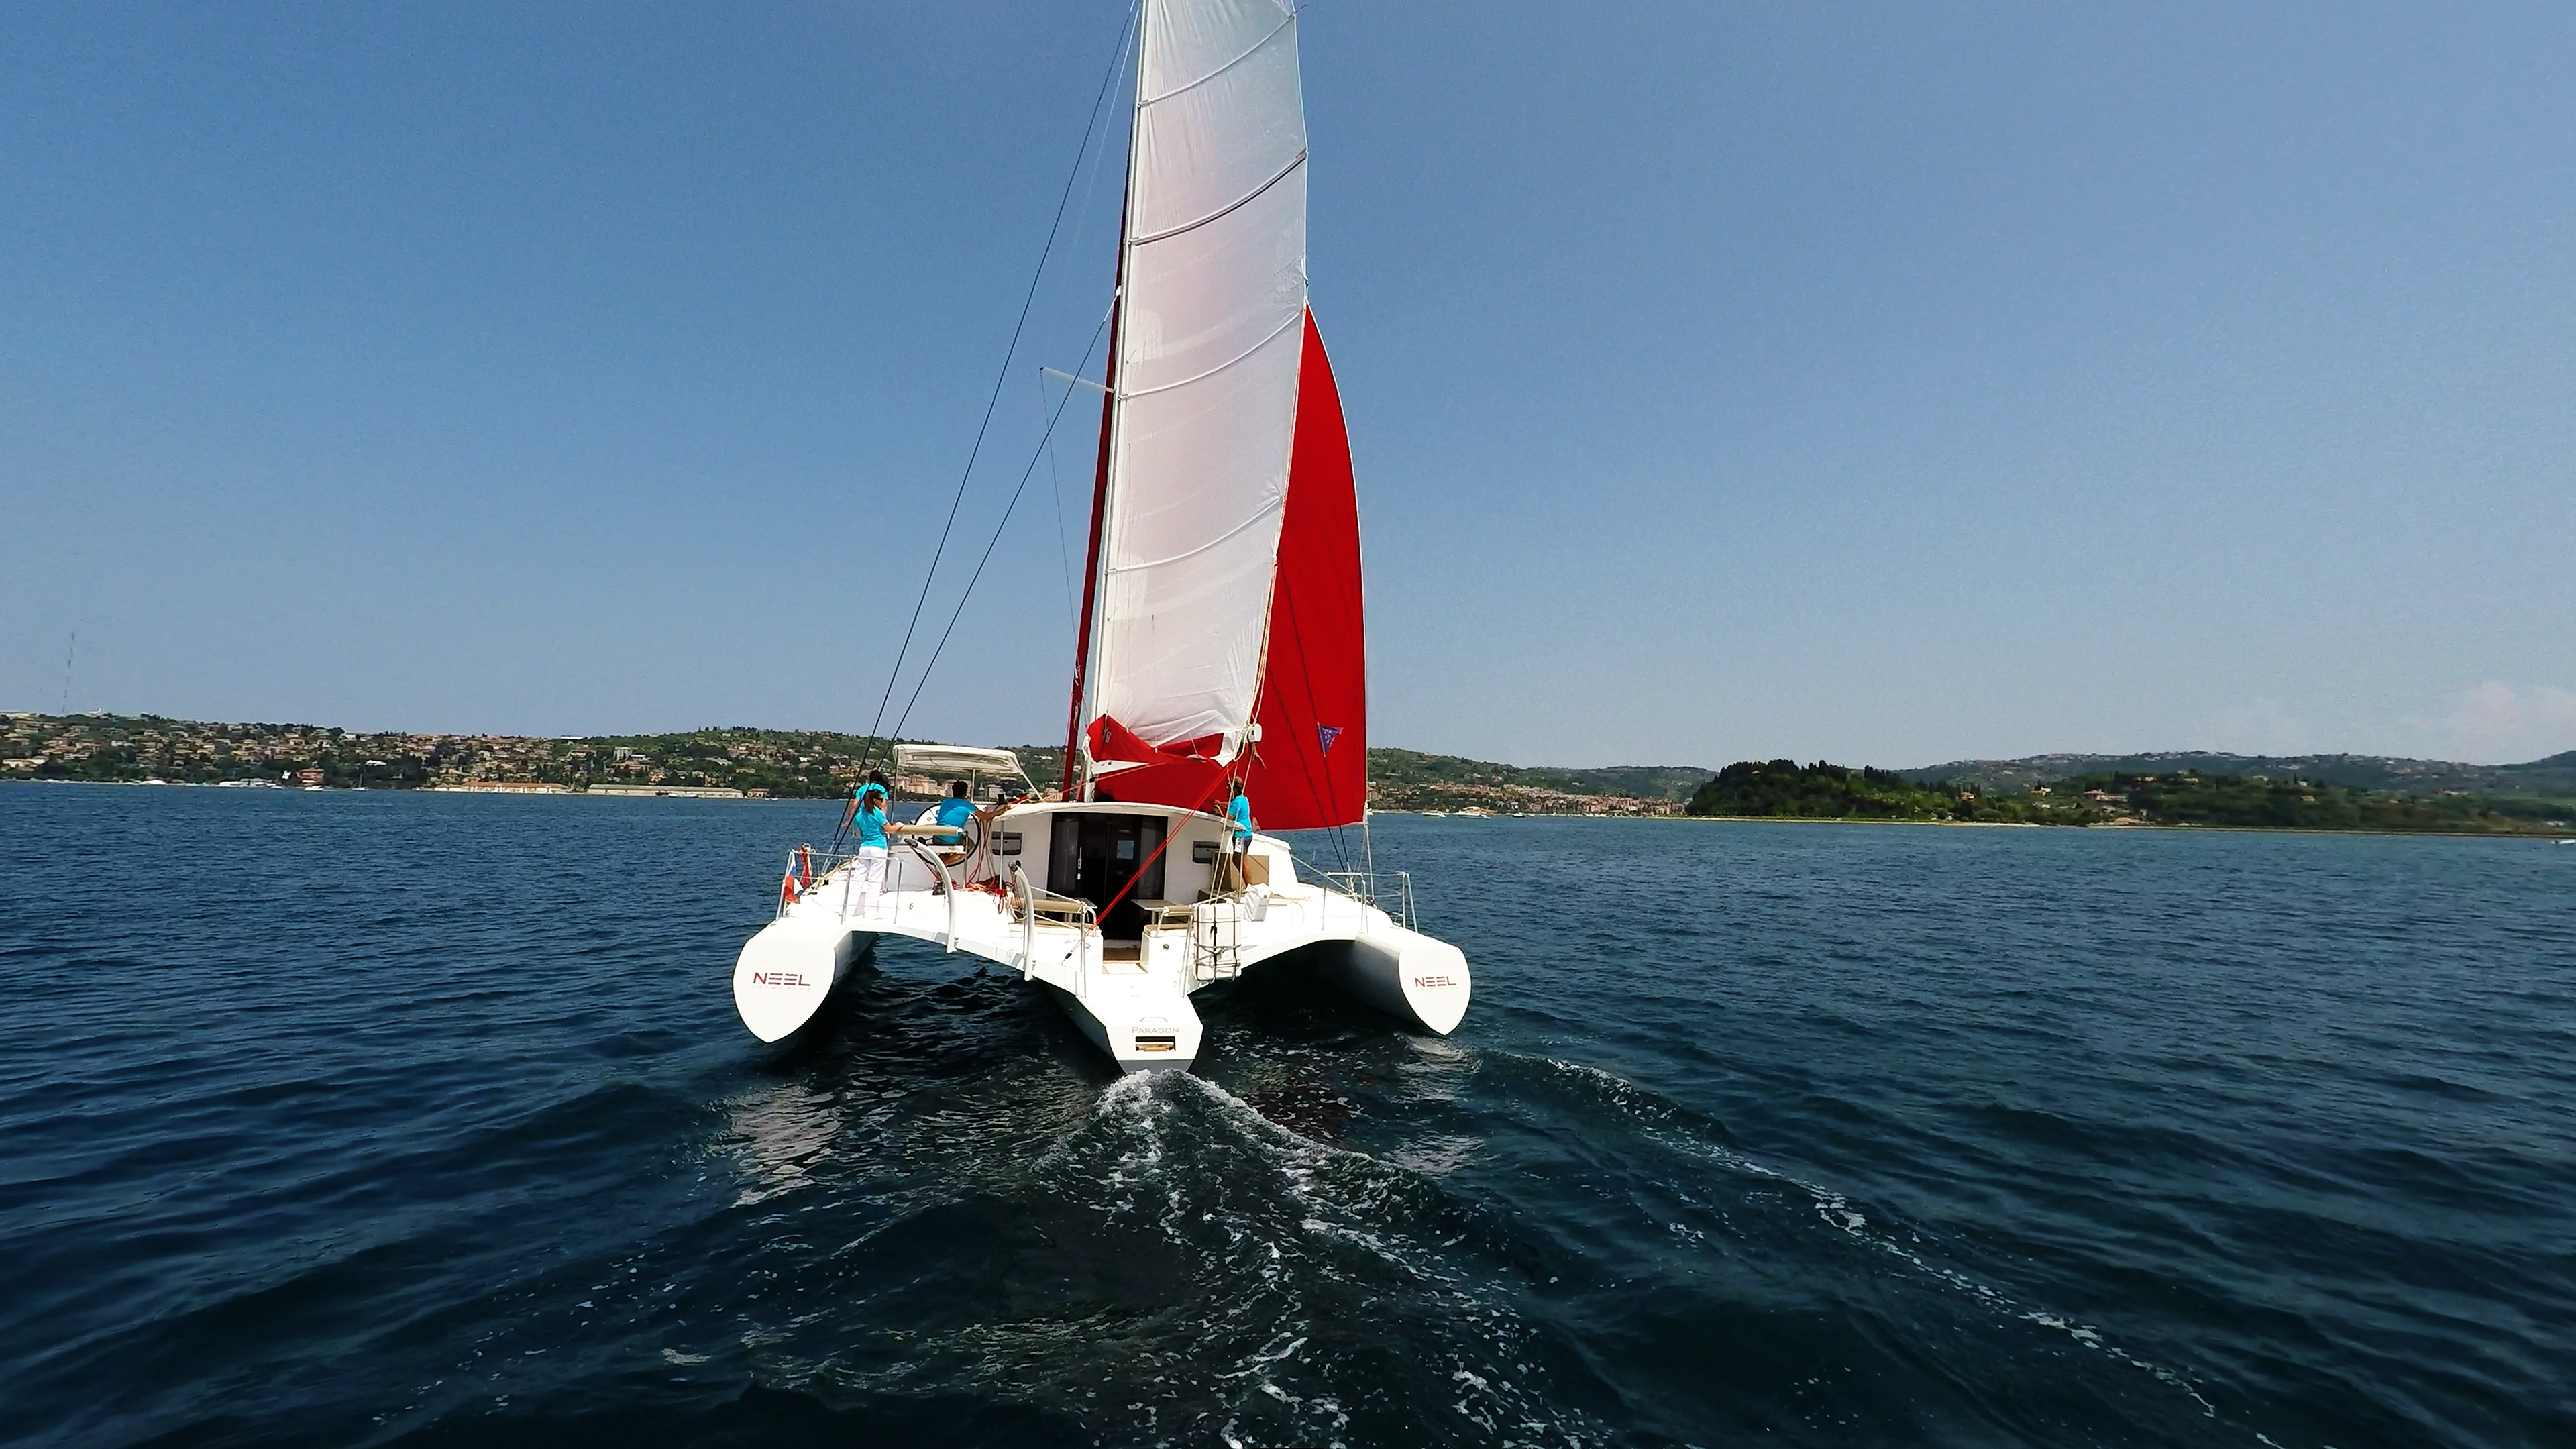 vista di poppa multiscafo yacht neel 45 naviga verso port